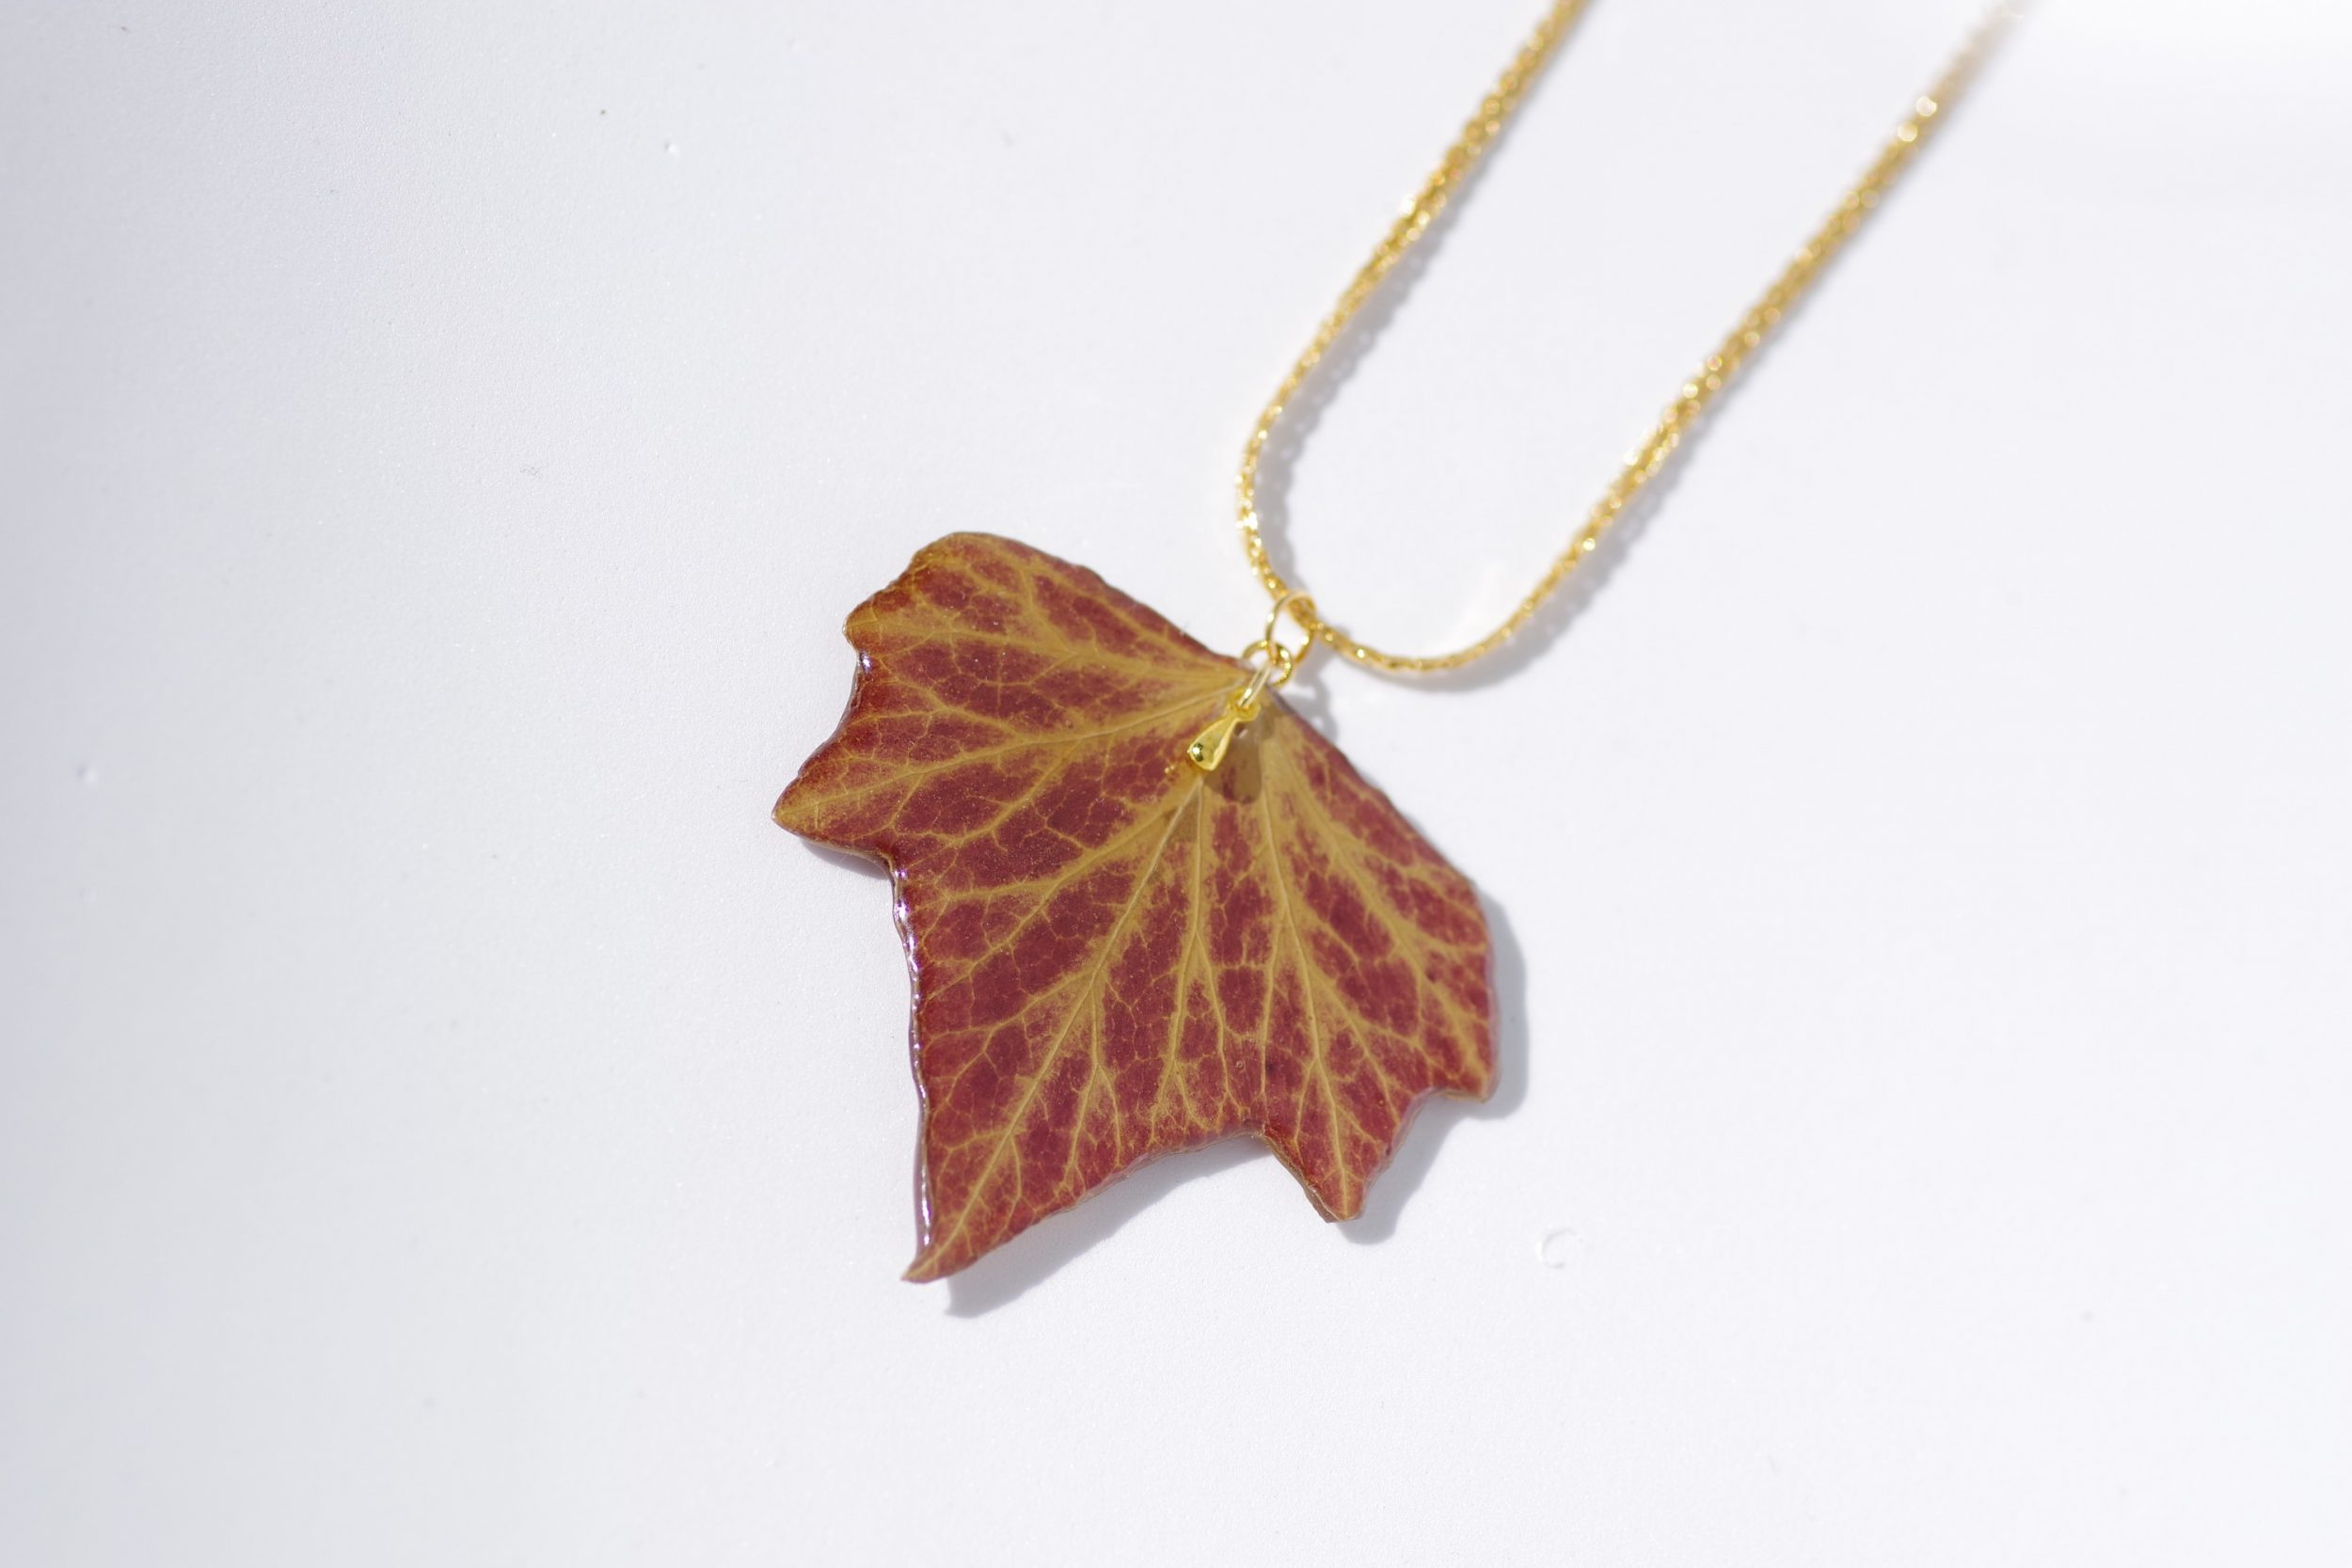 belle feuille de lierre aux couleurs d'automne transformée en pendentif sur une chaine plaquée or ouvragée